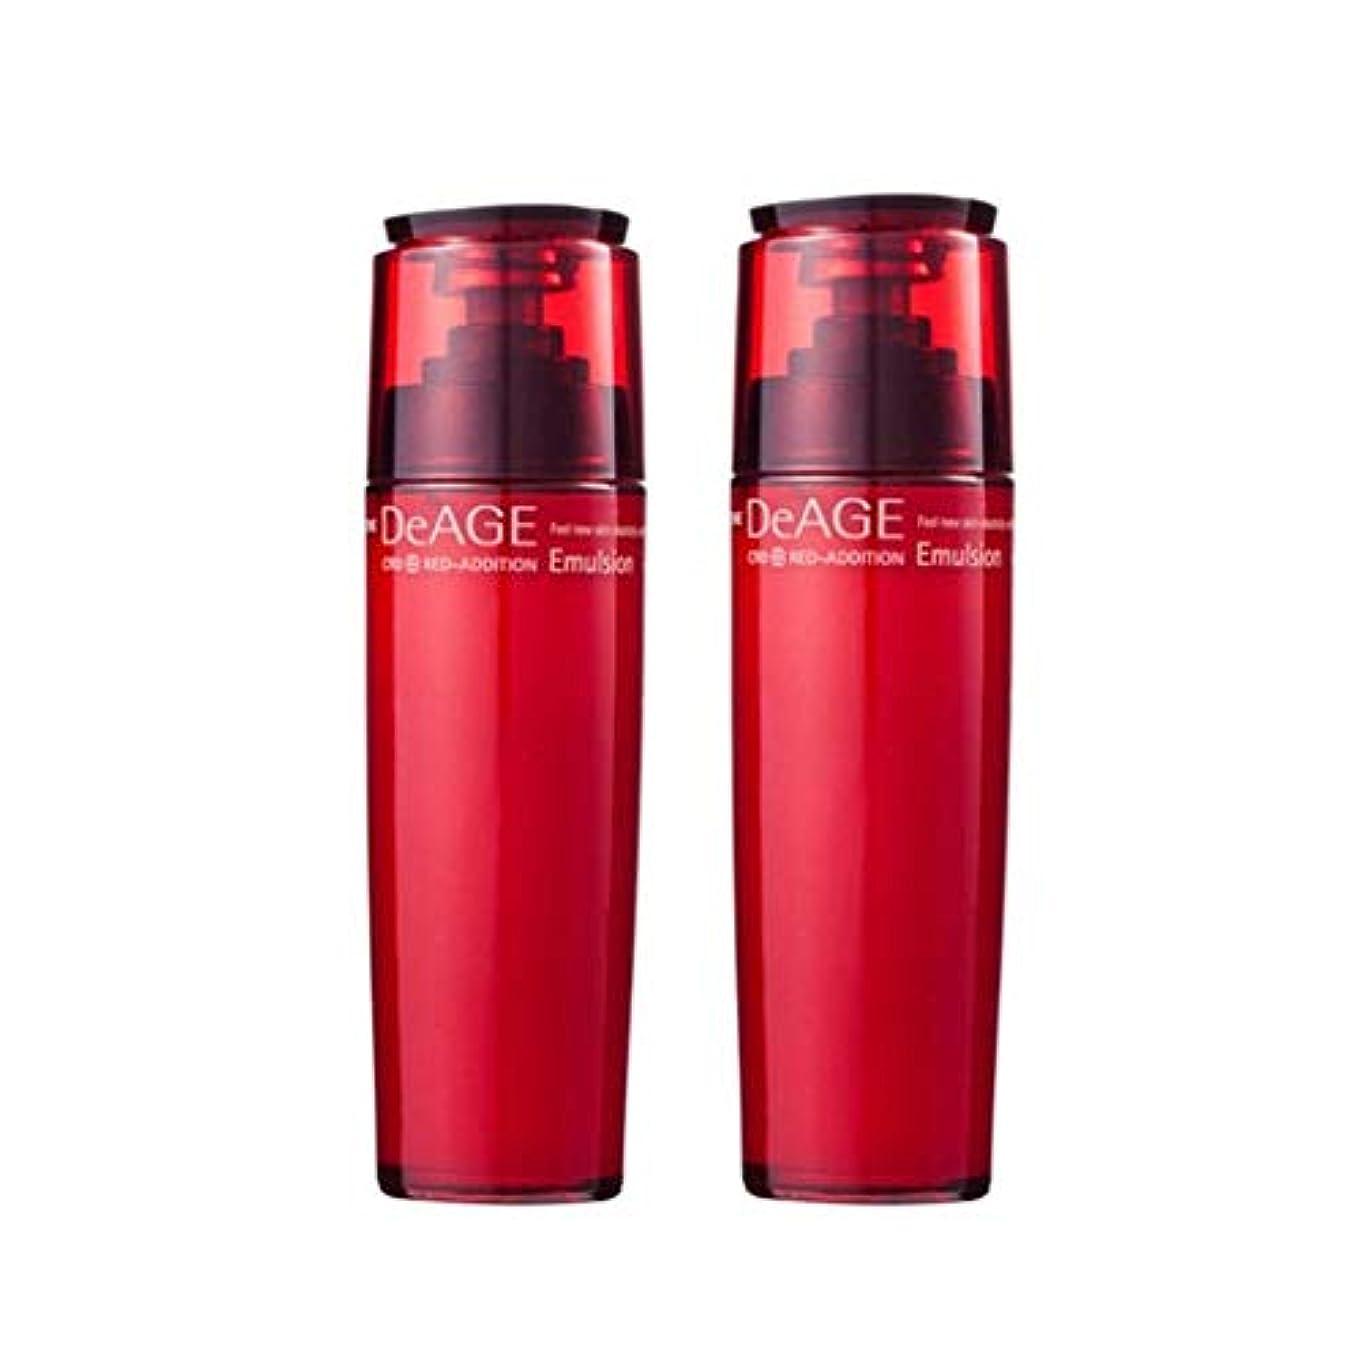 上回るレーニン主義悪夢チャムジョンディエイジレッドエディションエマルジョン130ml x 2、Charmzone DeAGE Red-Addition Emulsion 130ml x 2 [並行輸入品]